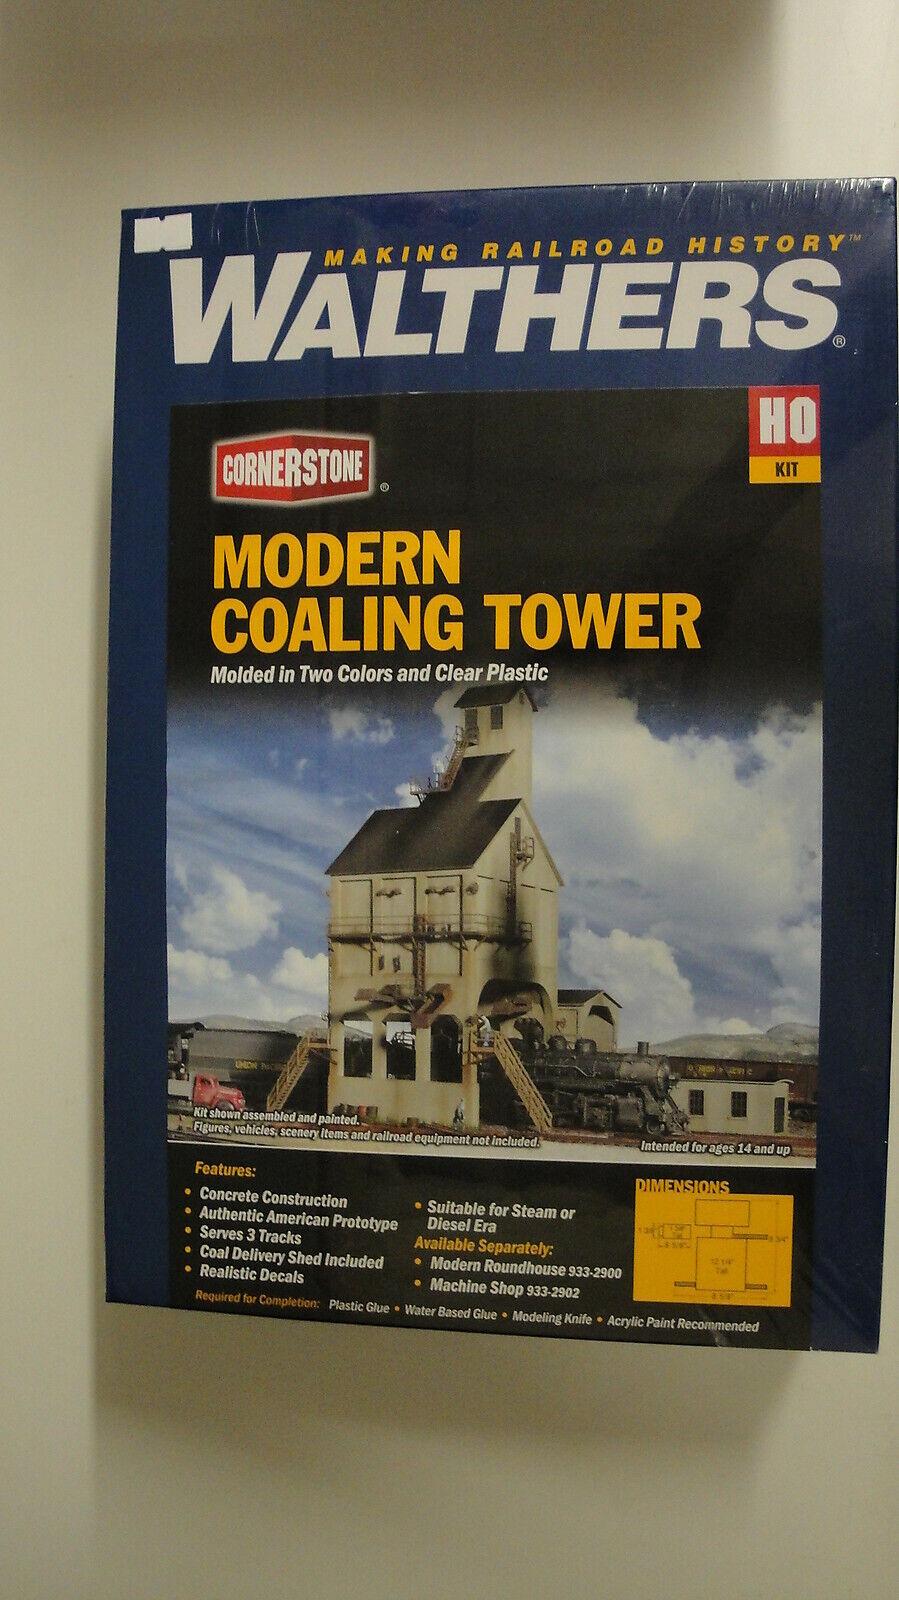 ofrecemos varias marcas famosas Walthers {933-2903} Walthers Piedra Piedra Piedra Angular moderna torre de Cochega de Cochebón  el mejor servicio post-venta